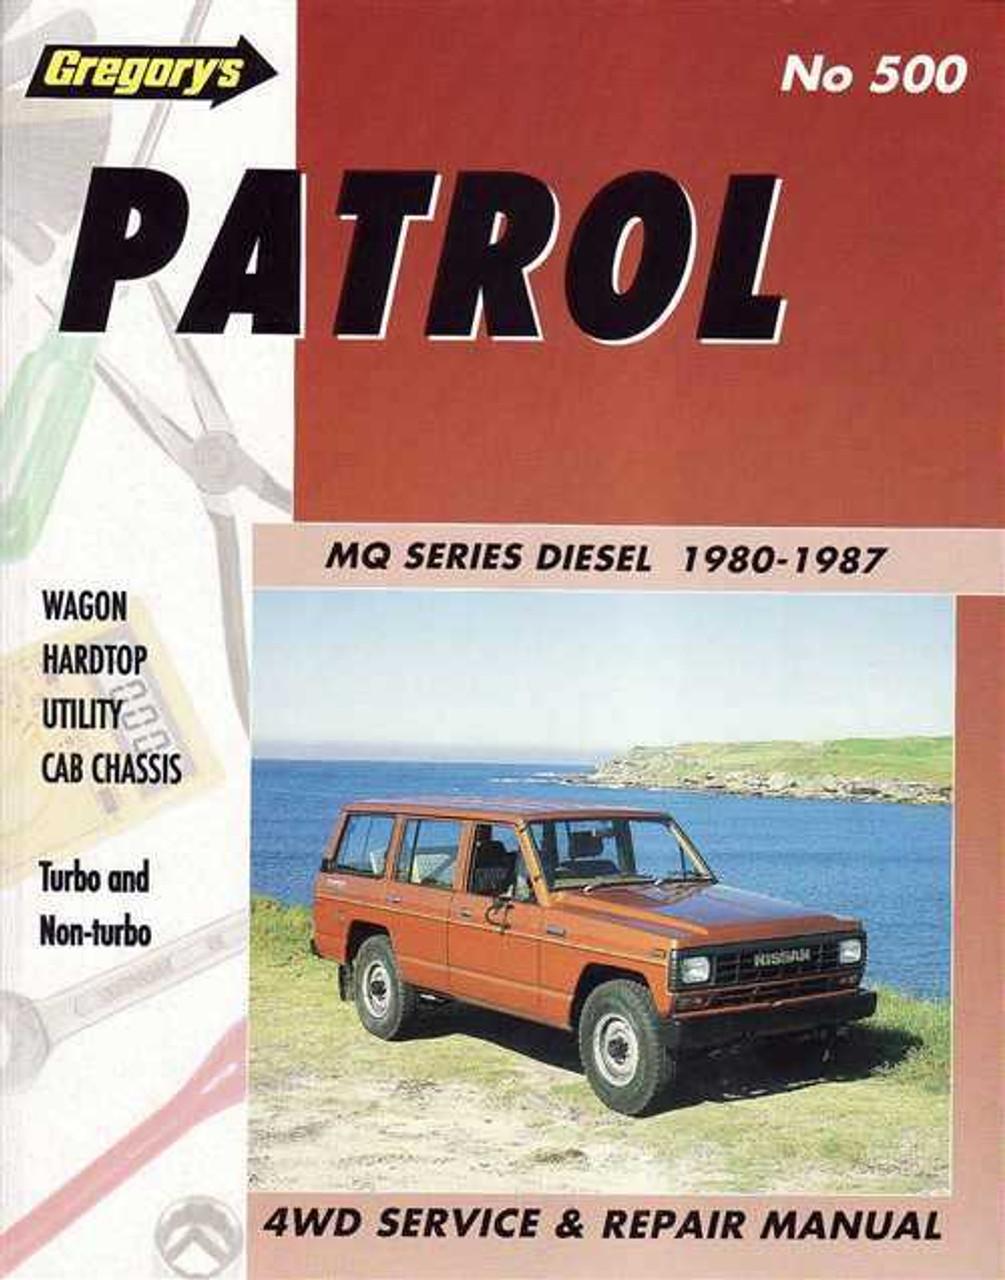 nissan patrol mq series 1980 1987 workshop manual rh automotobookshop com au nissan patrol mq service manual Nissan Factory Service Manual